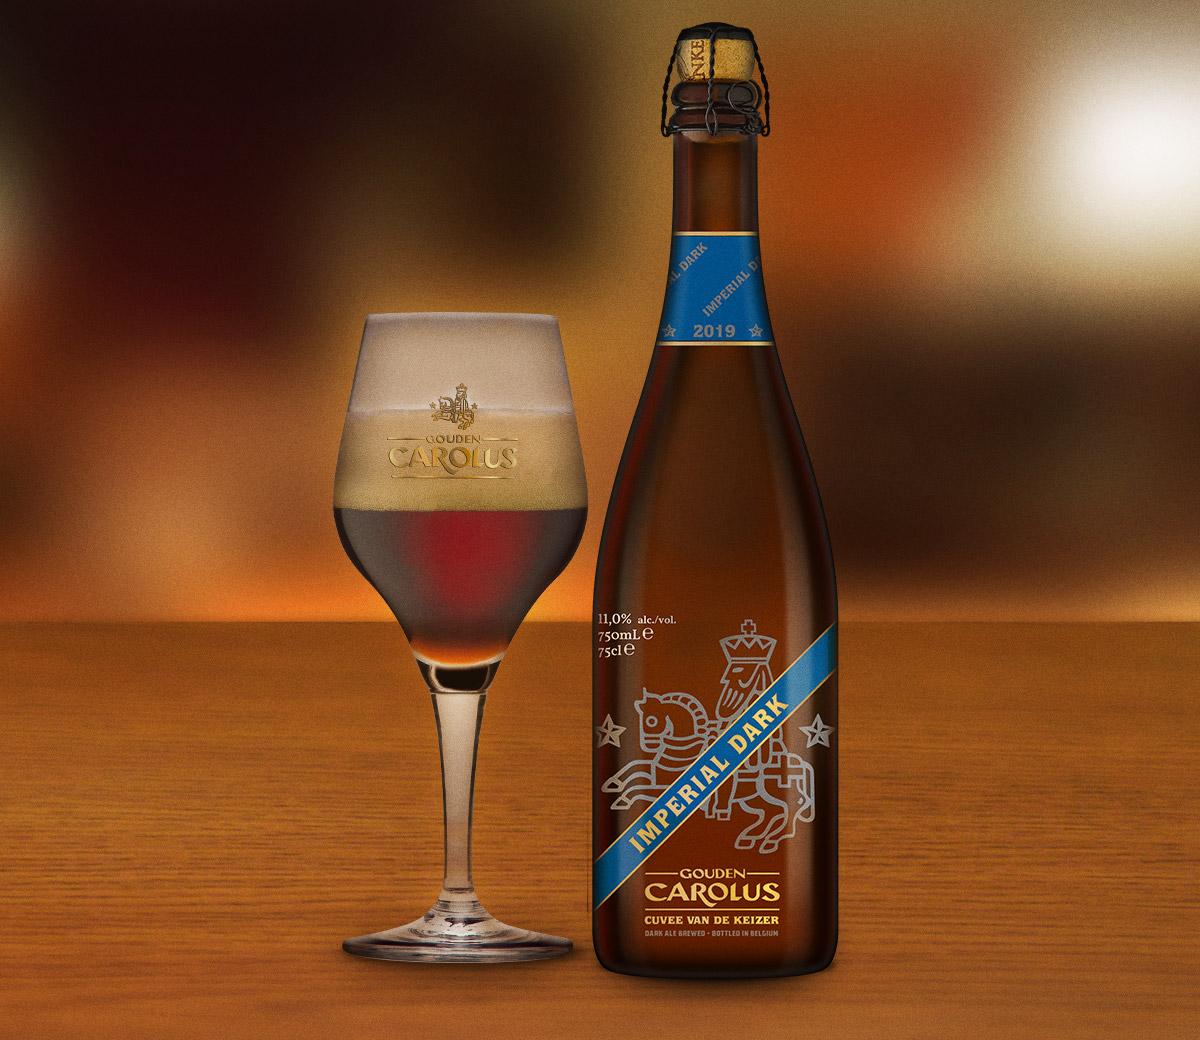 Gouden Carolus Cuvée van de Keizer Imperial Dark met glas